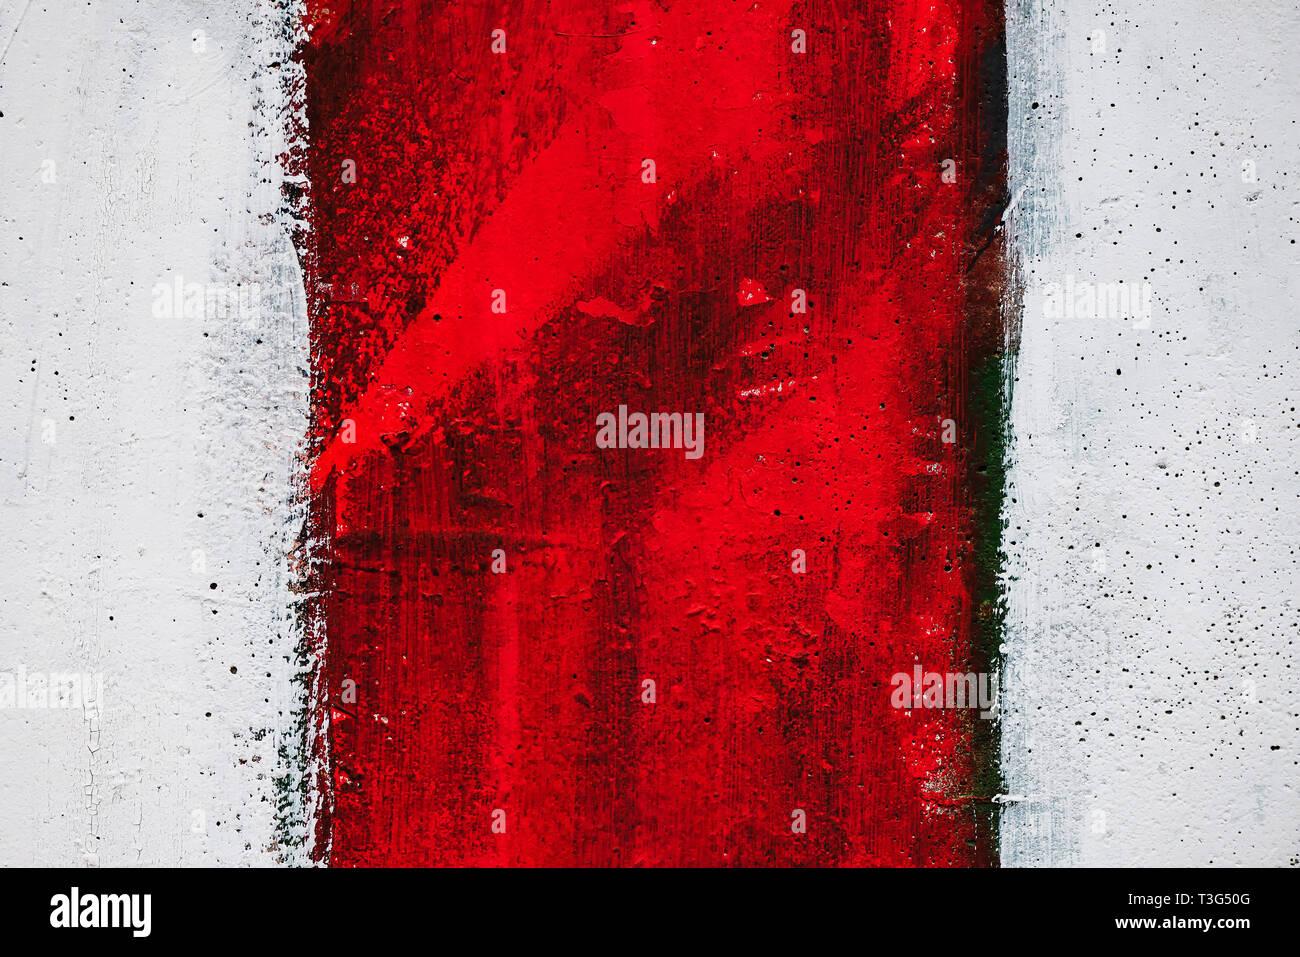 Rote Und Weisse Farbe Streifen Muster Auf Der Wand Grunge Texturen